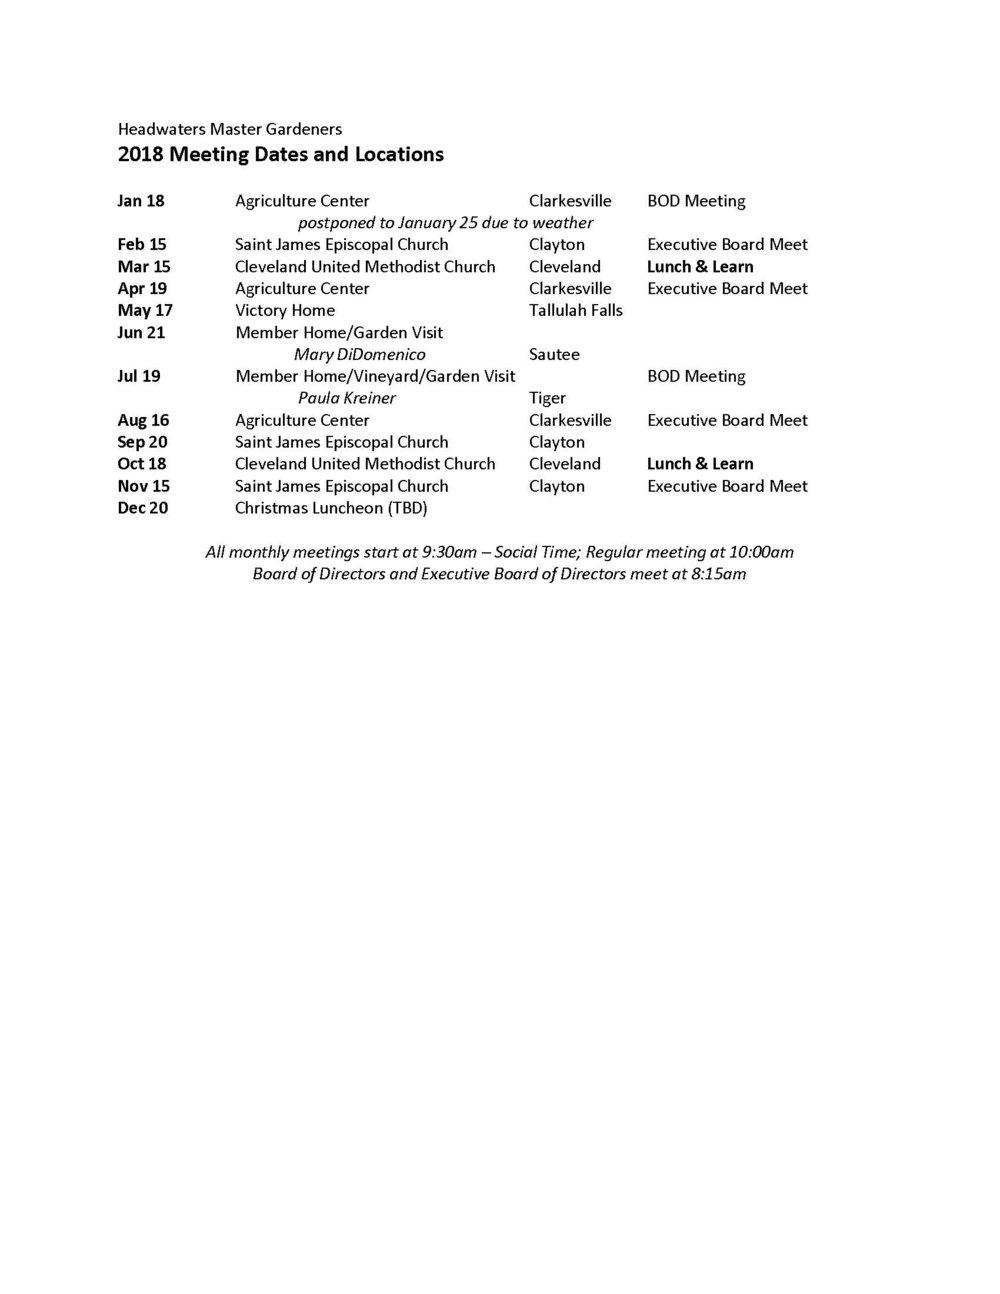 HWMG 2018 Meeting Dates & Location.jpg